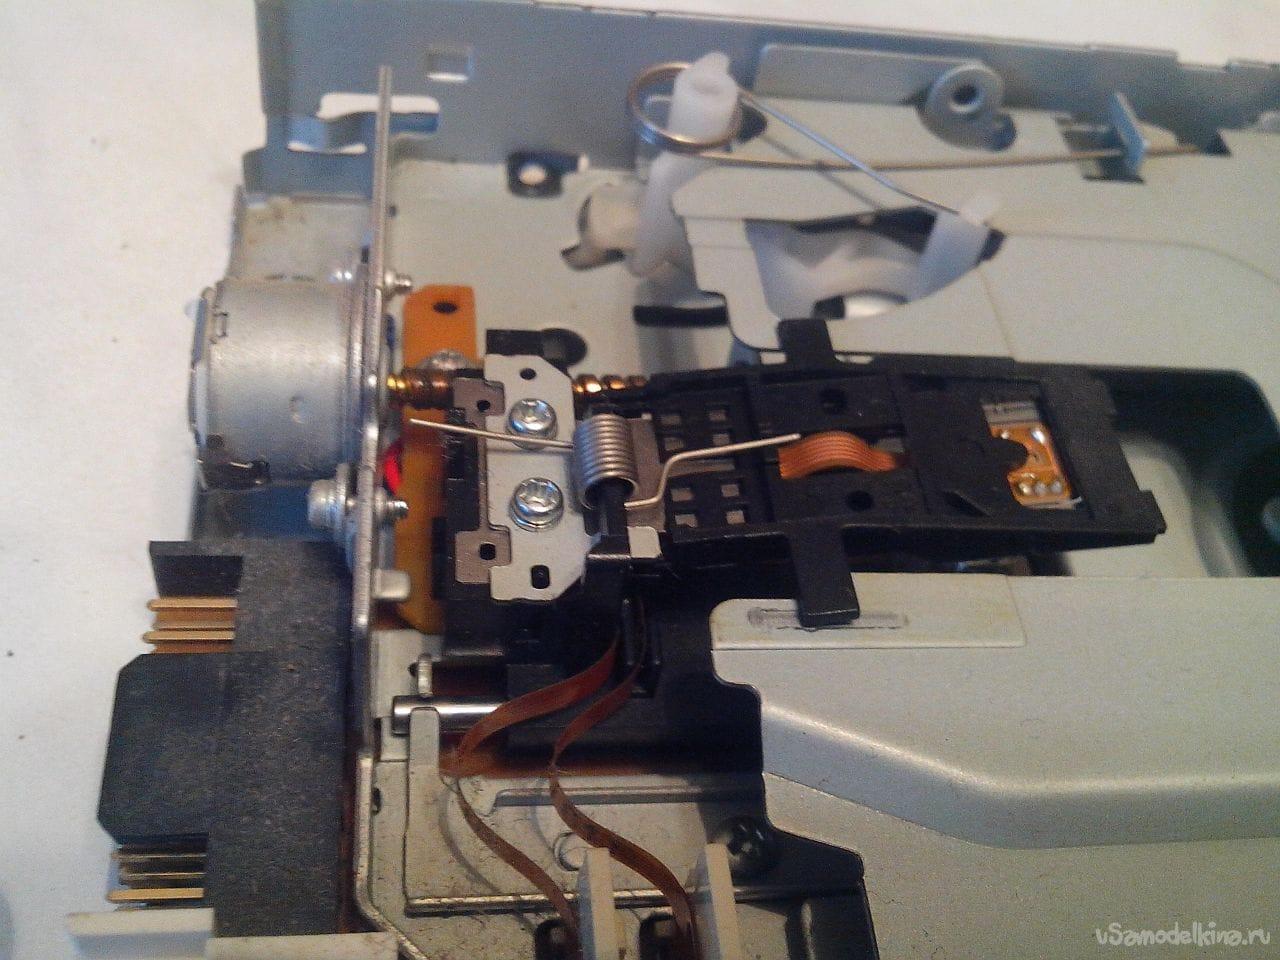 Юсб микроскоп для пайки своими руками 92